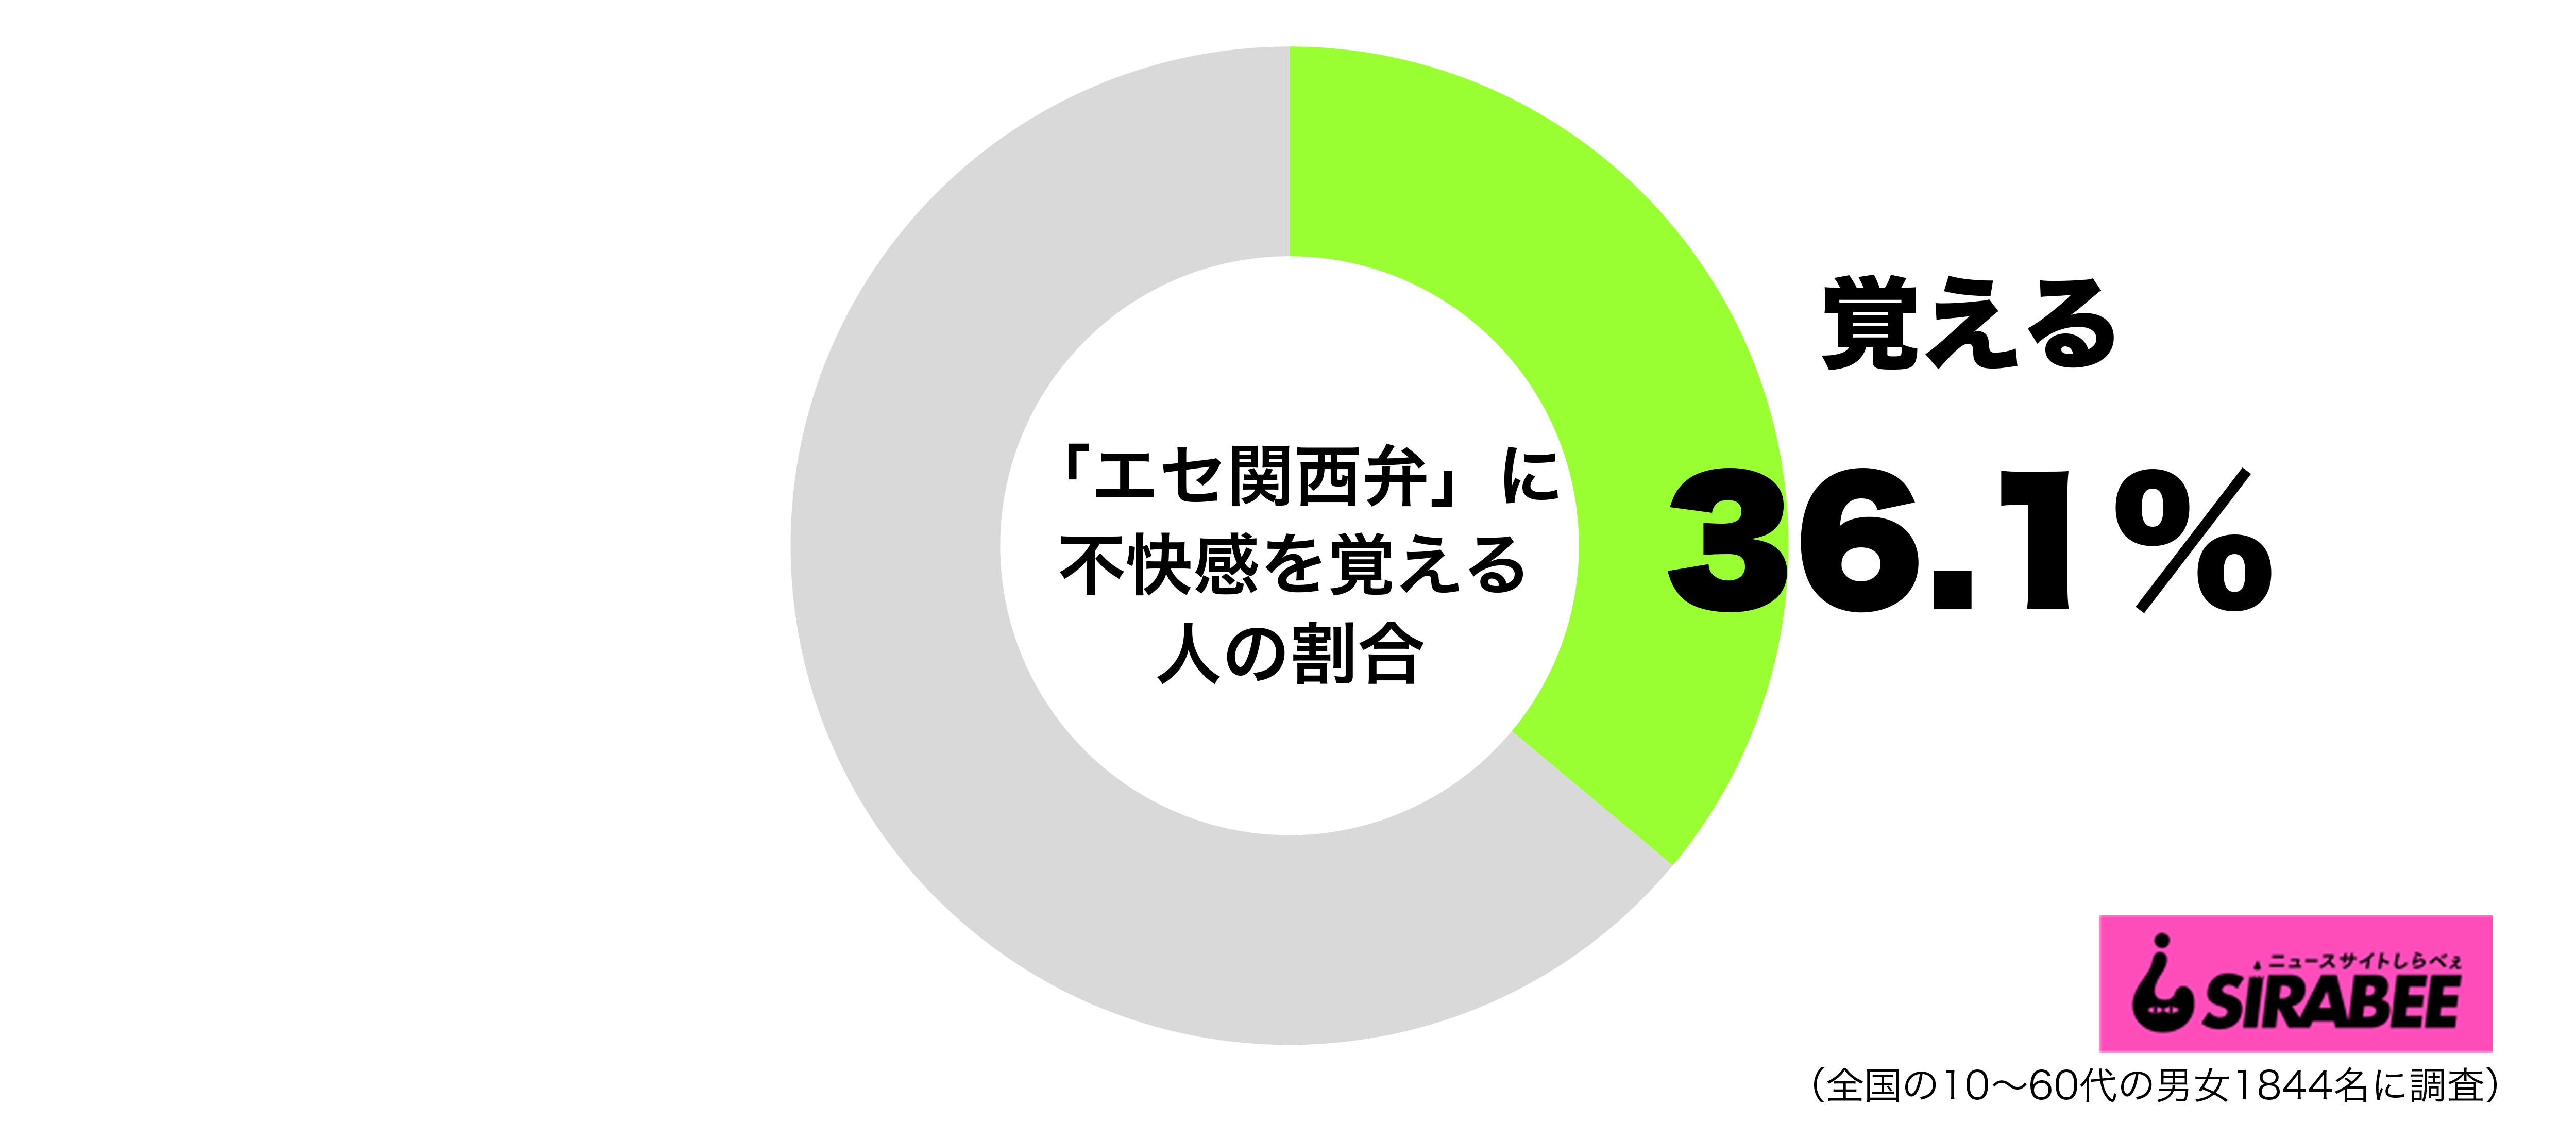 エセ関西弁に不快感を覚えるグラフ